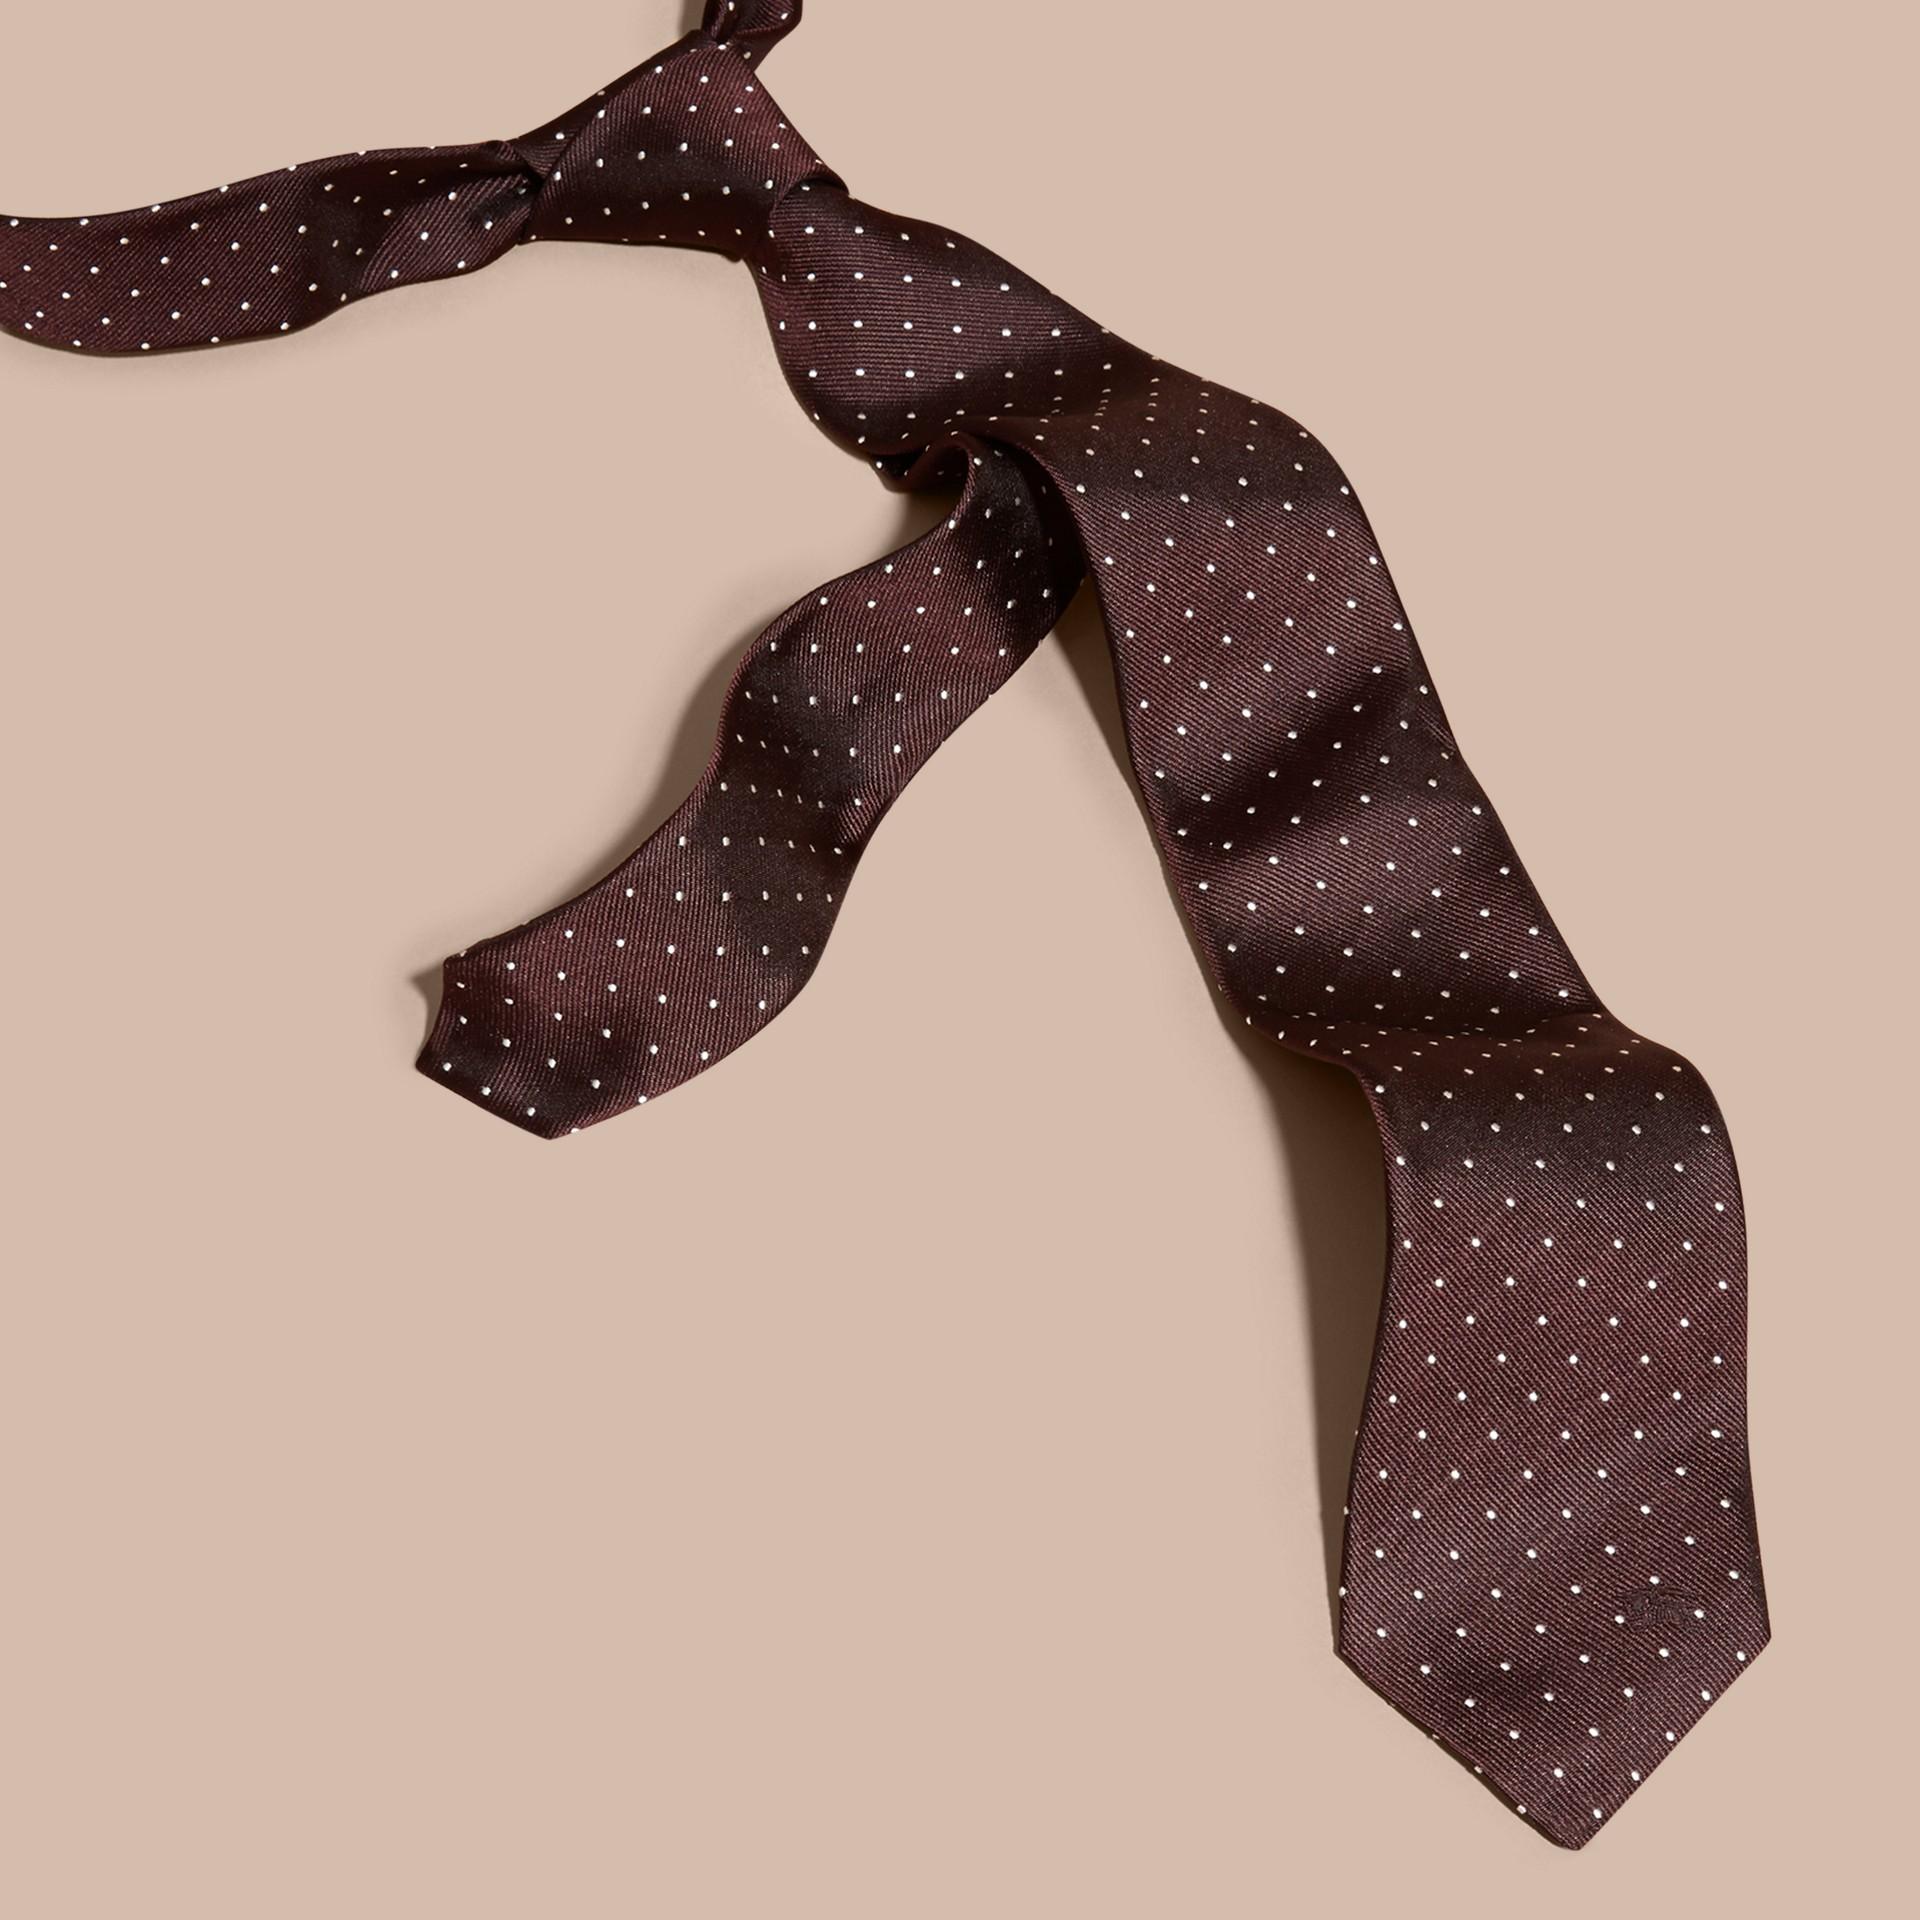 Vermelho claret Gravata de sarja de seda com estampa de poás e corte moderno - galeria de imagens 3